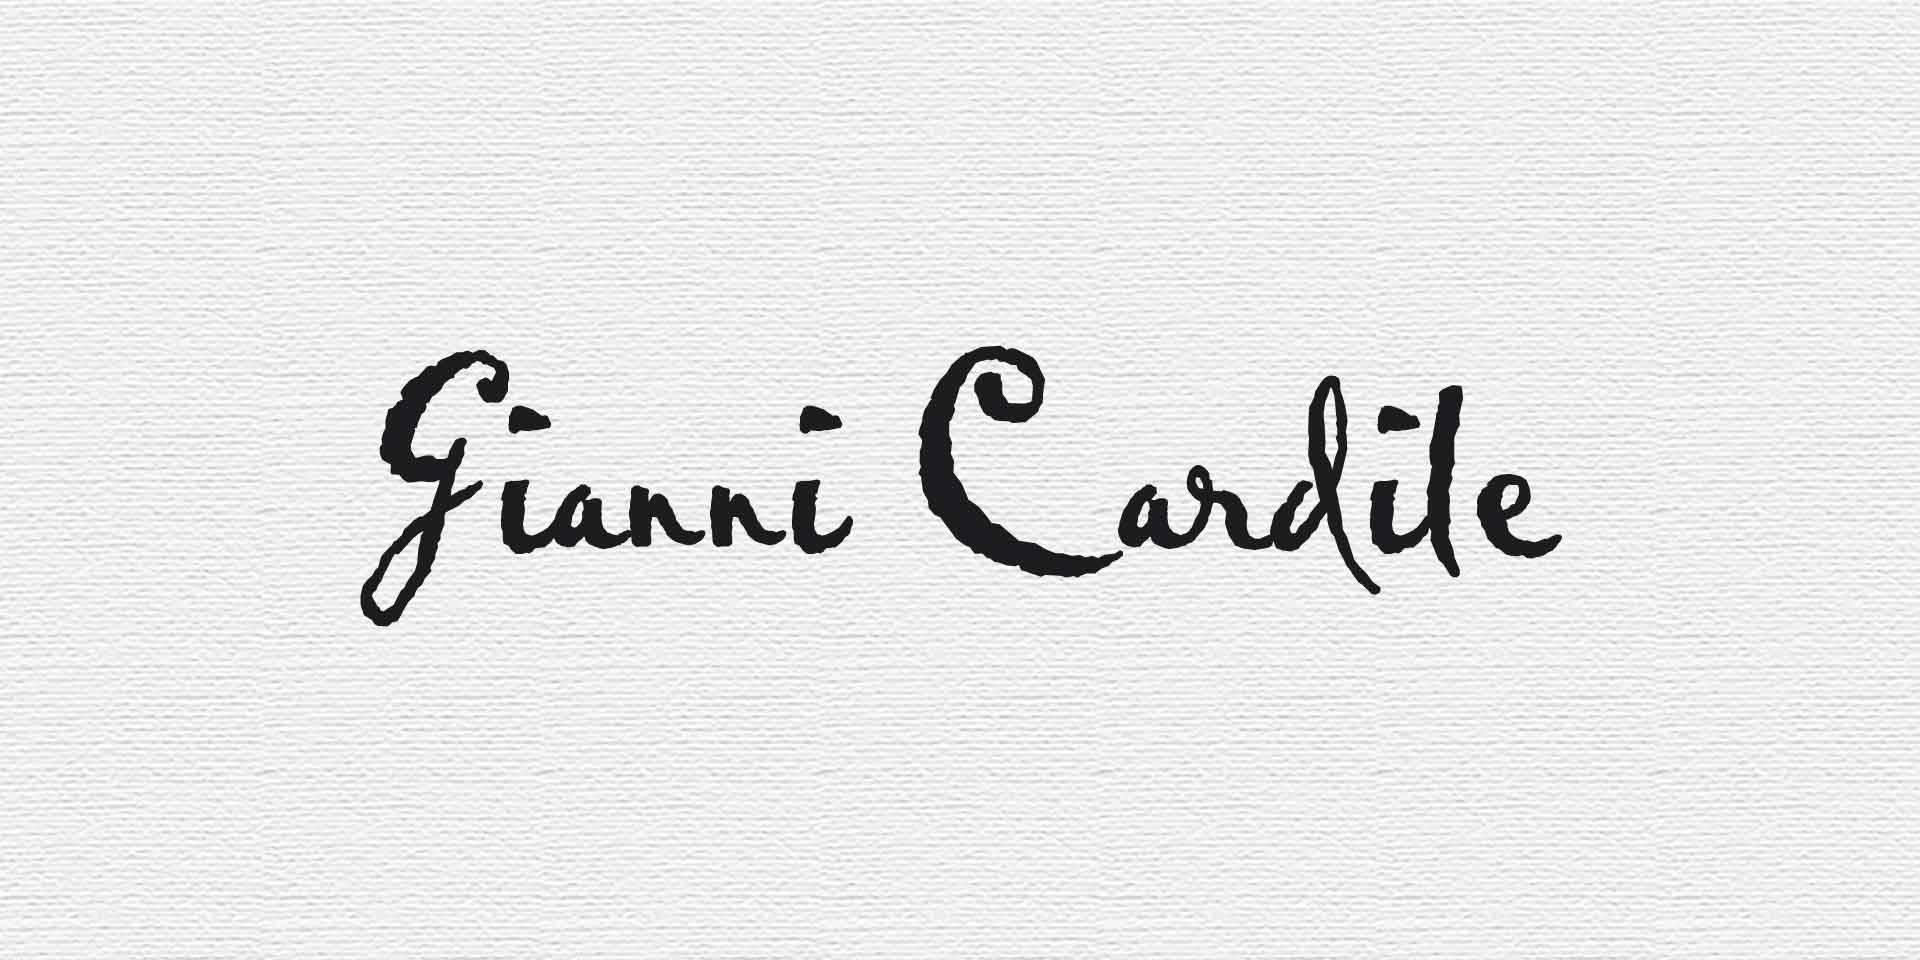 Gianni Cardile